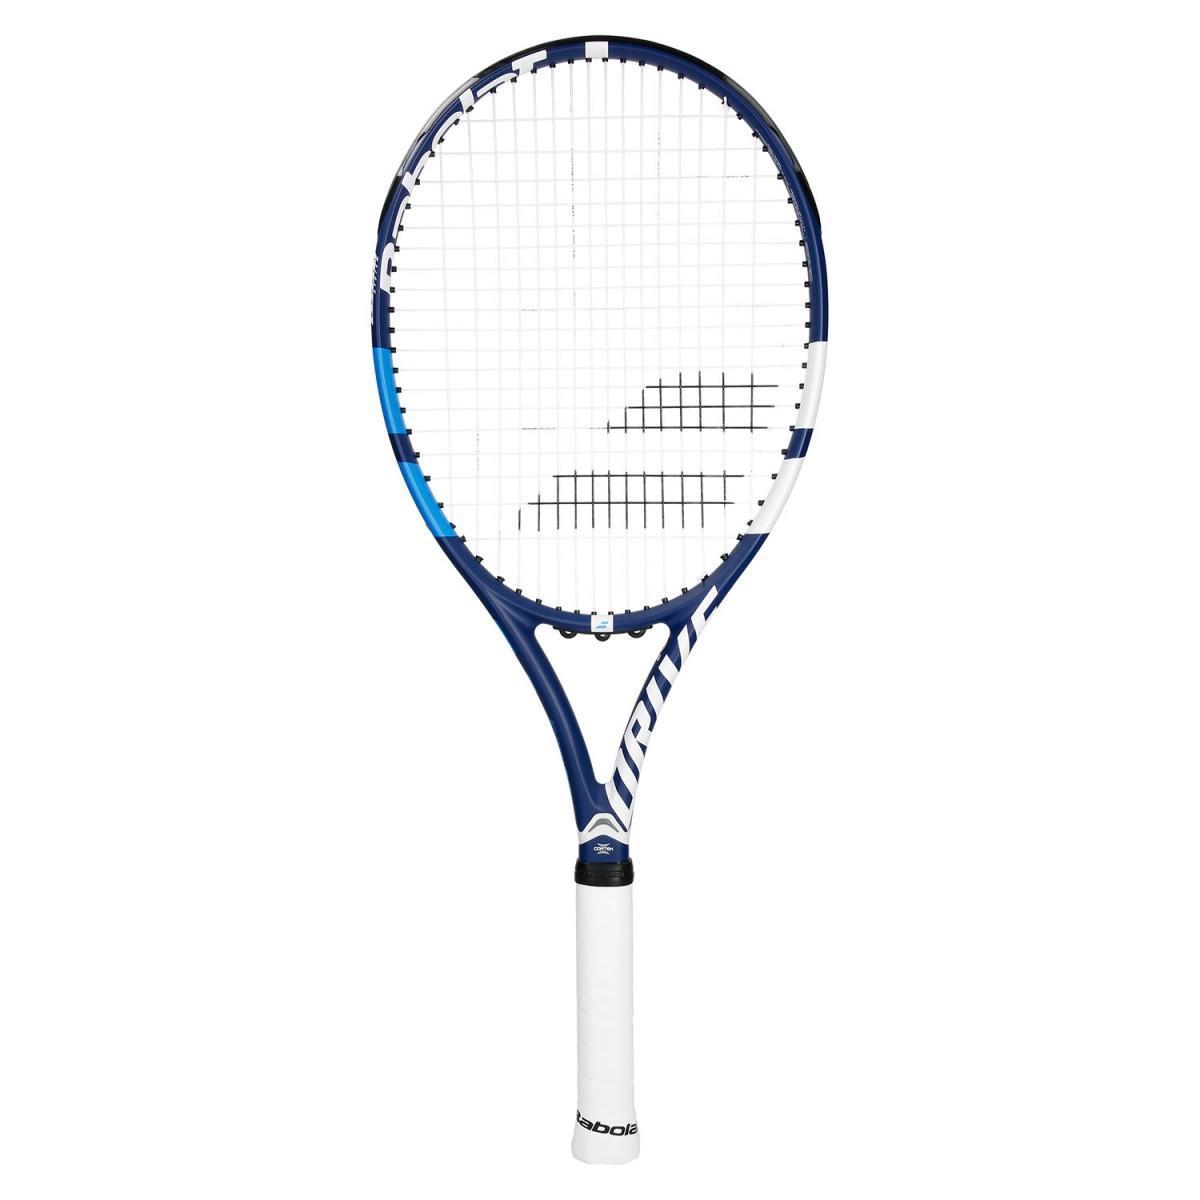 Теннисная ракетка Babolat Drive G Lite blue 2018